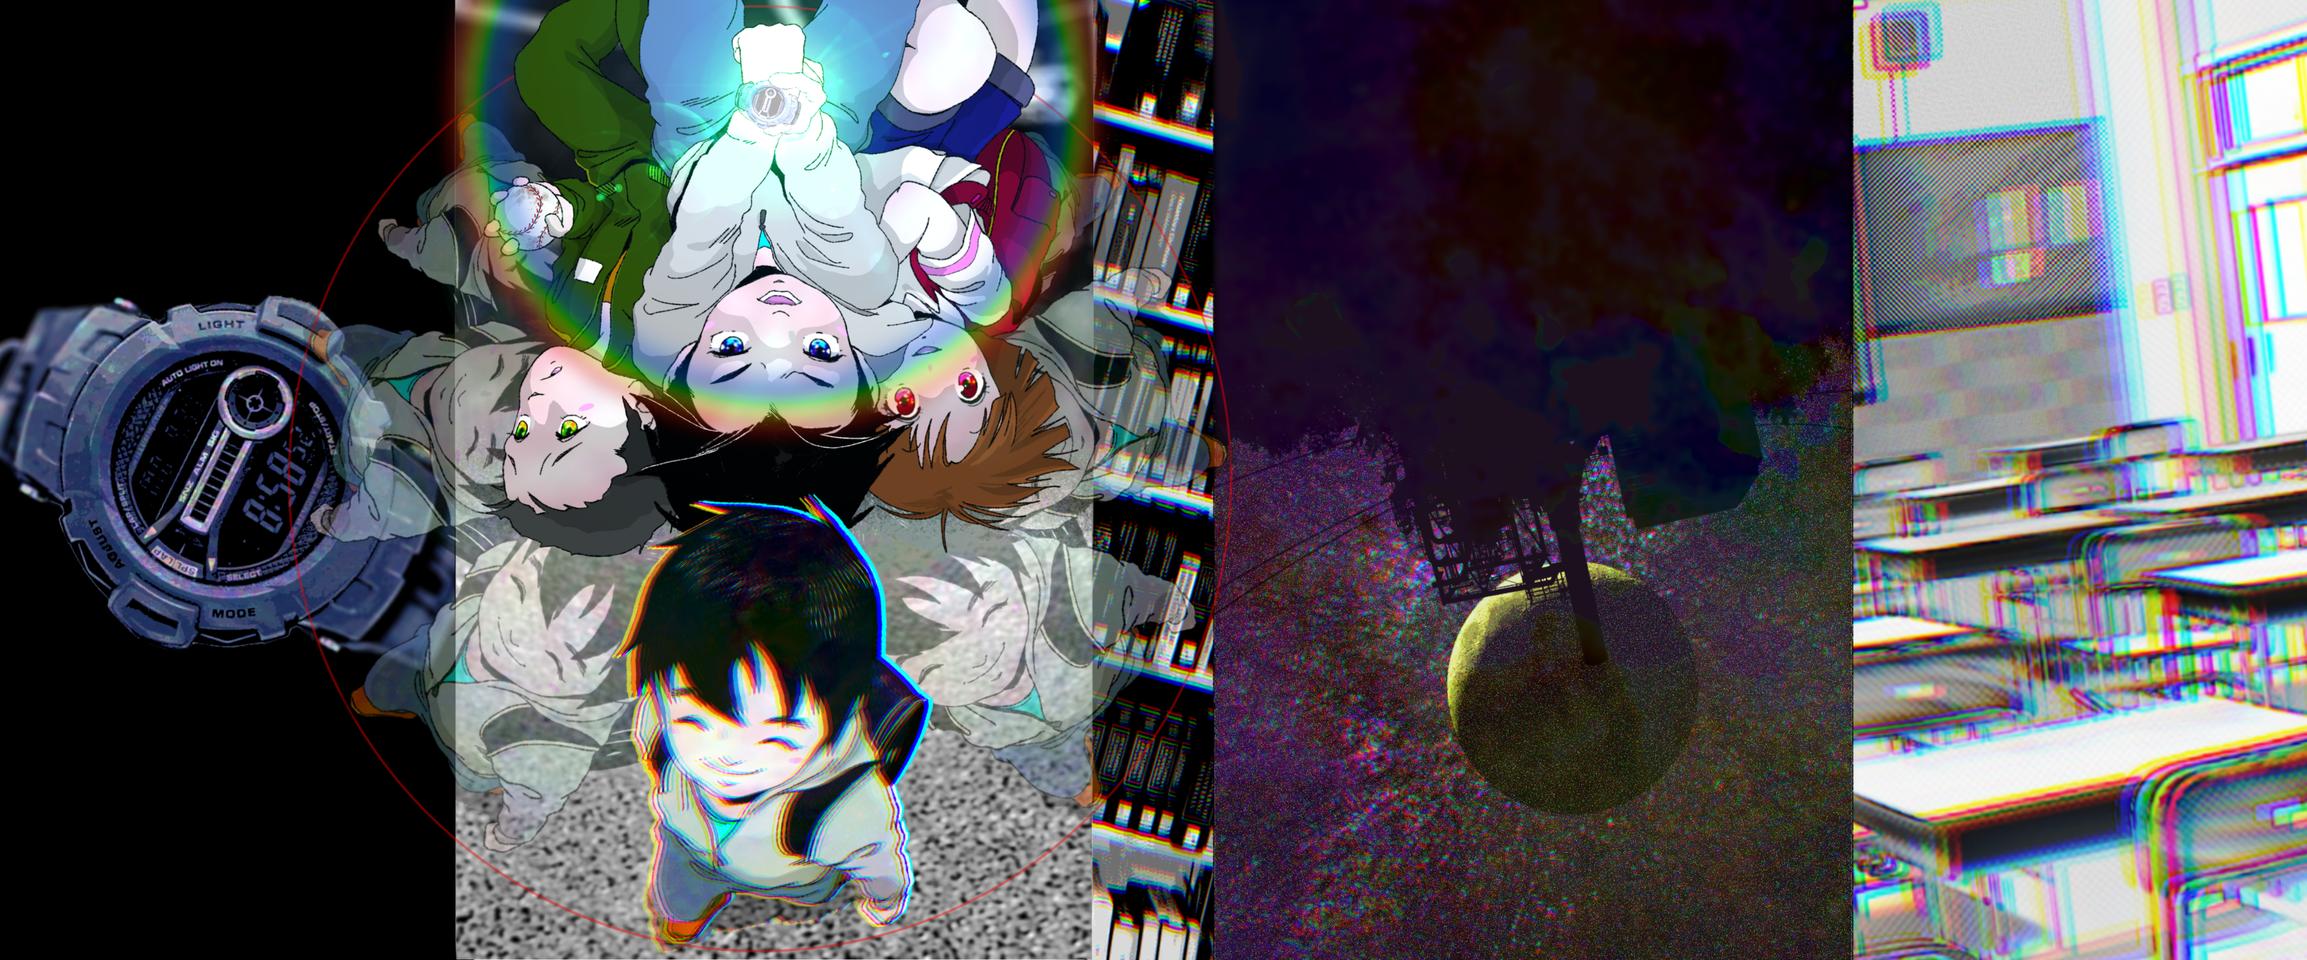 Gururito カバーイラストデザイン Illust of manma.brain Spinning_contest illustration ぐるりと design